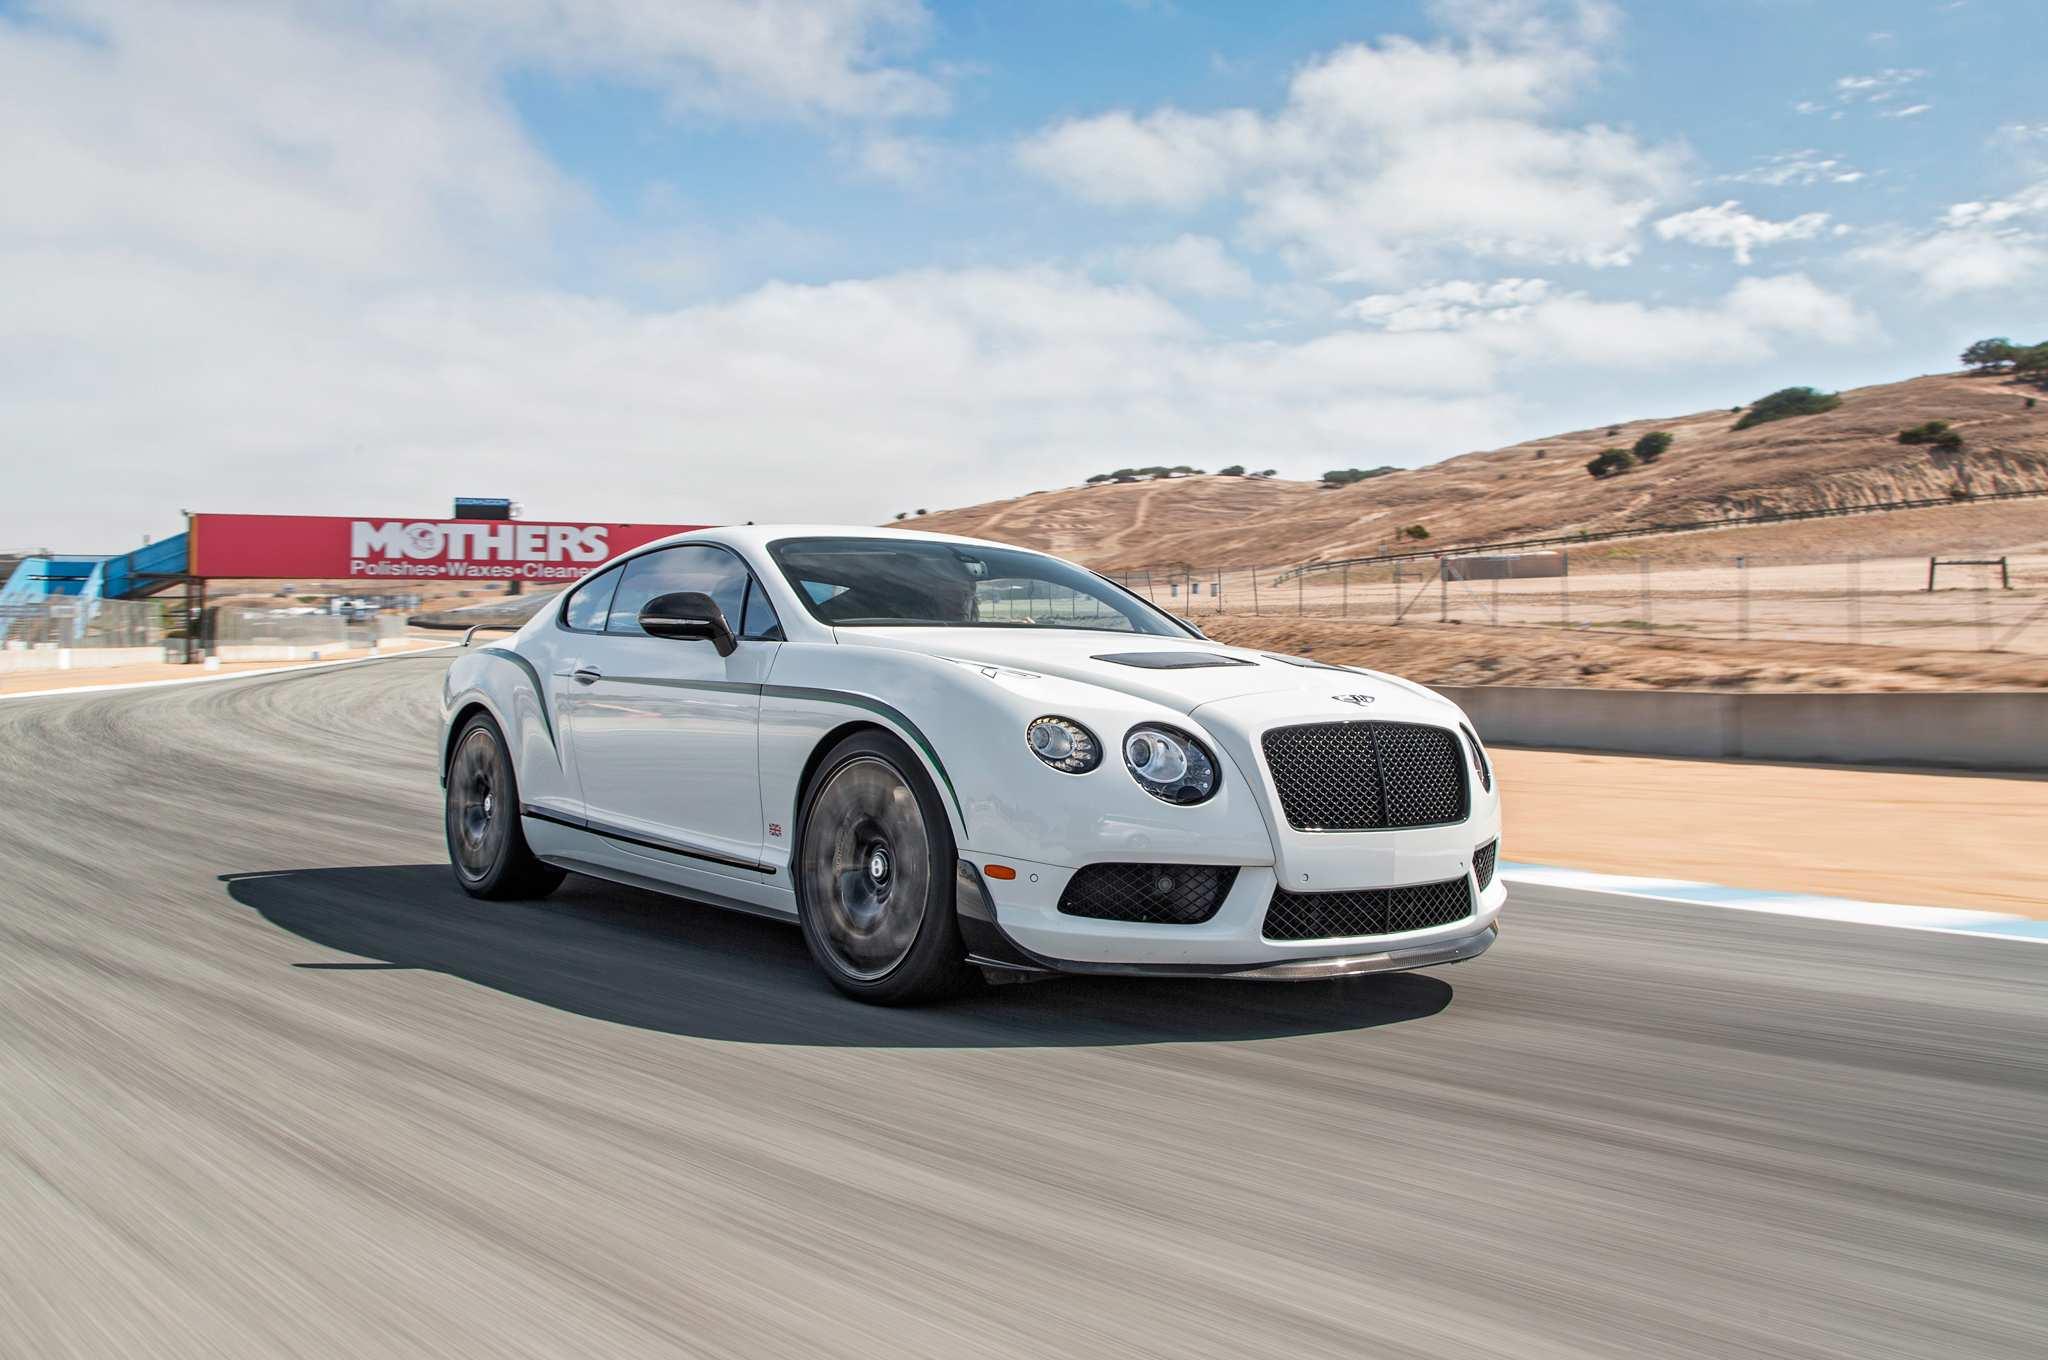 34 Concept of Bentley Lmp1 2019 Model by Bentley Lmp1 2019